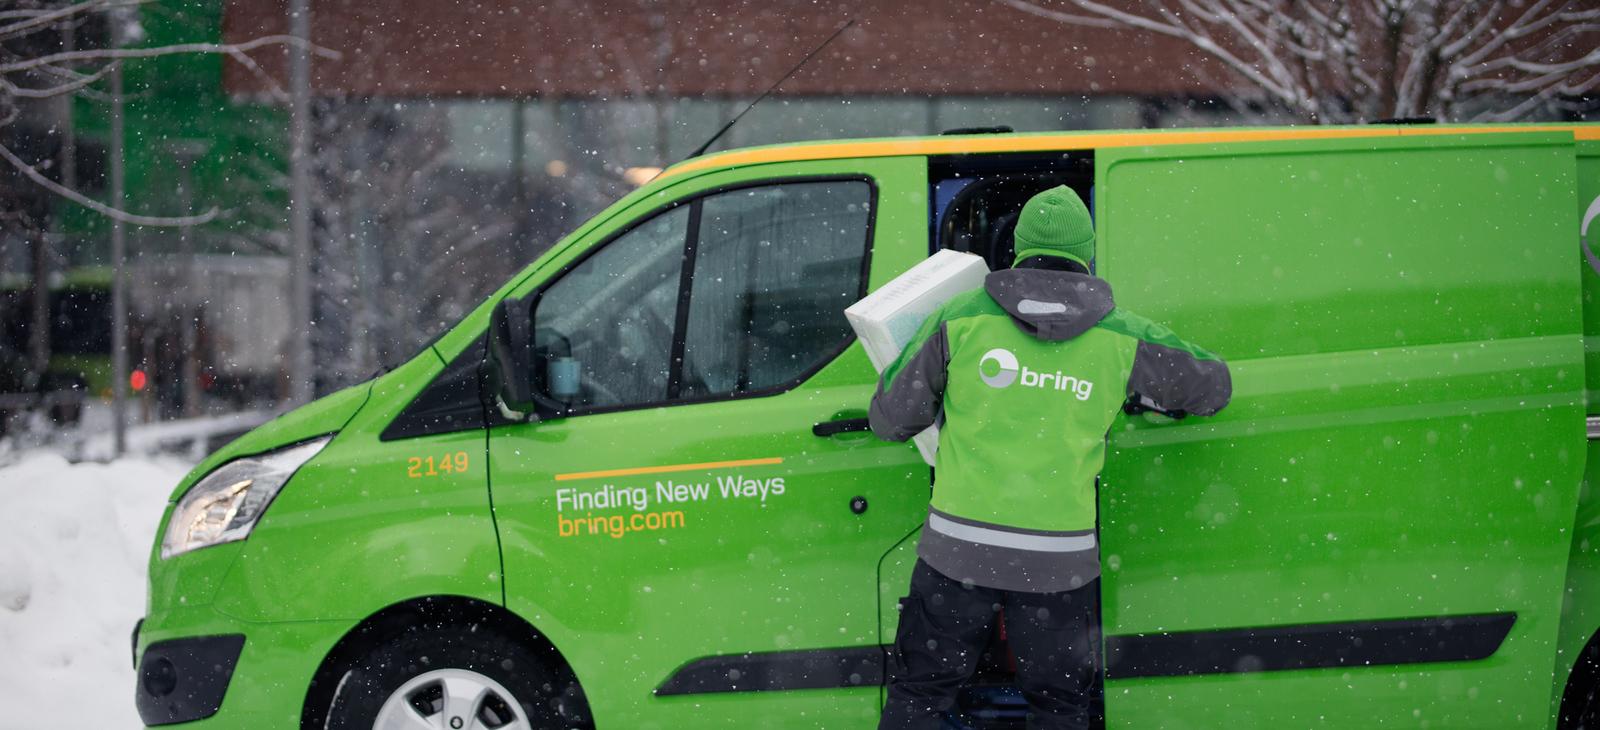 När du skickar paket genom Shiplink är Bring en av de transportföretag som vi använder. Du kan lätt boka in frakt med Bring genom oss. Vi hittar det bästa fraktalternativet till lägsta pris. Dessutom sköter vi allt det praktiska!